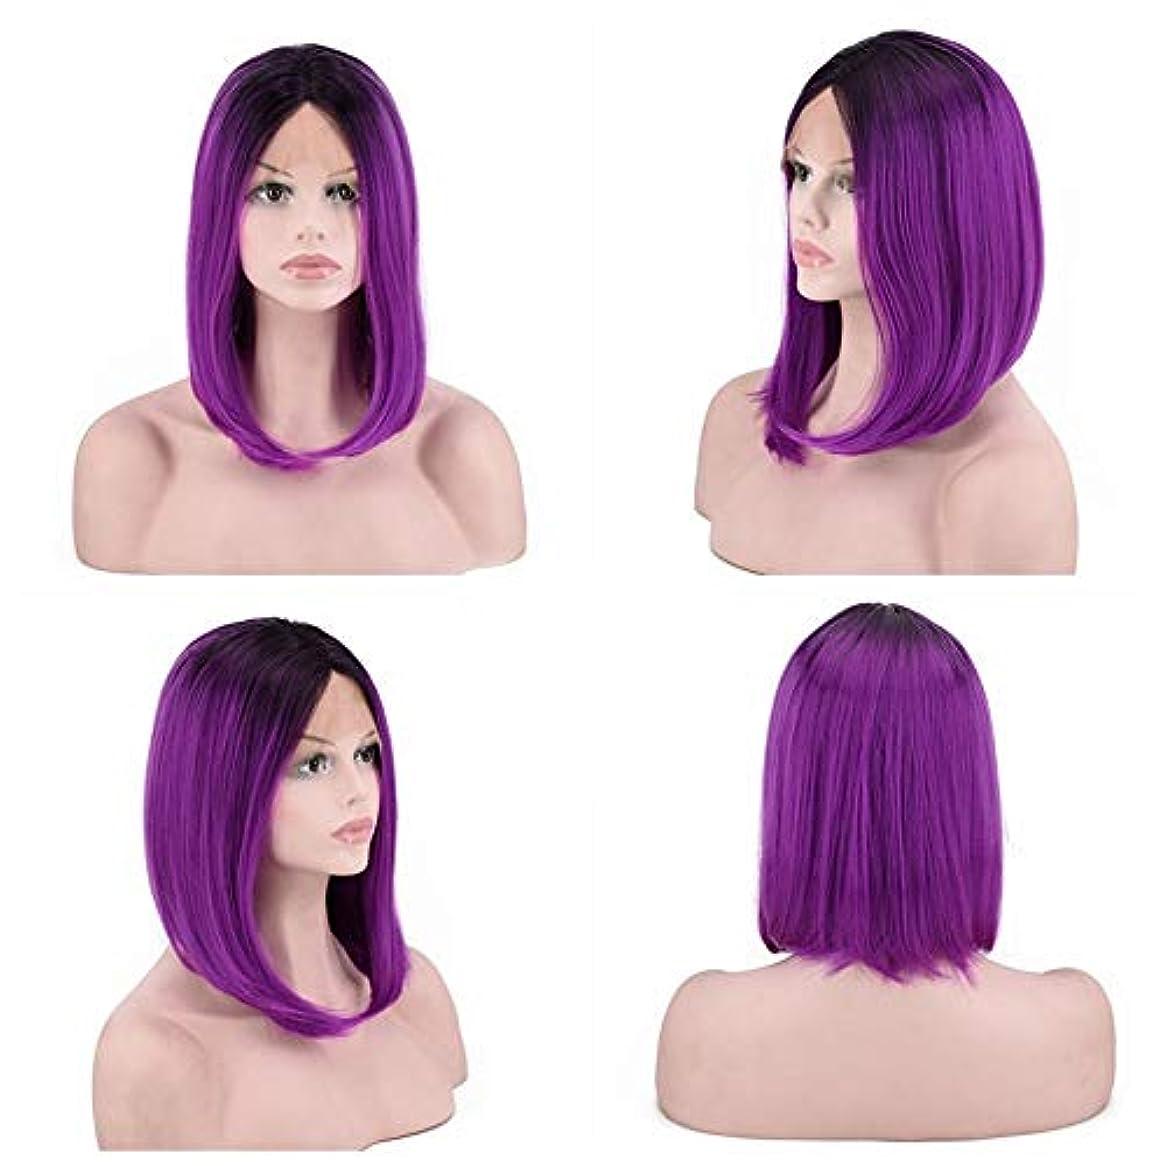 感染する電圧アドバンテージYOUQIU 女性のかつらのために新鮮でファッショナブルなグラデーションショートストレート髪ボブウィッグレースフロントウィッグ (色 : 832#)